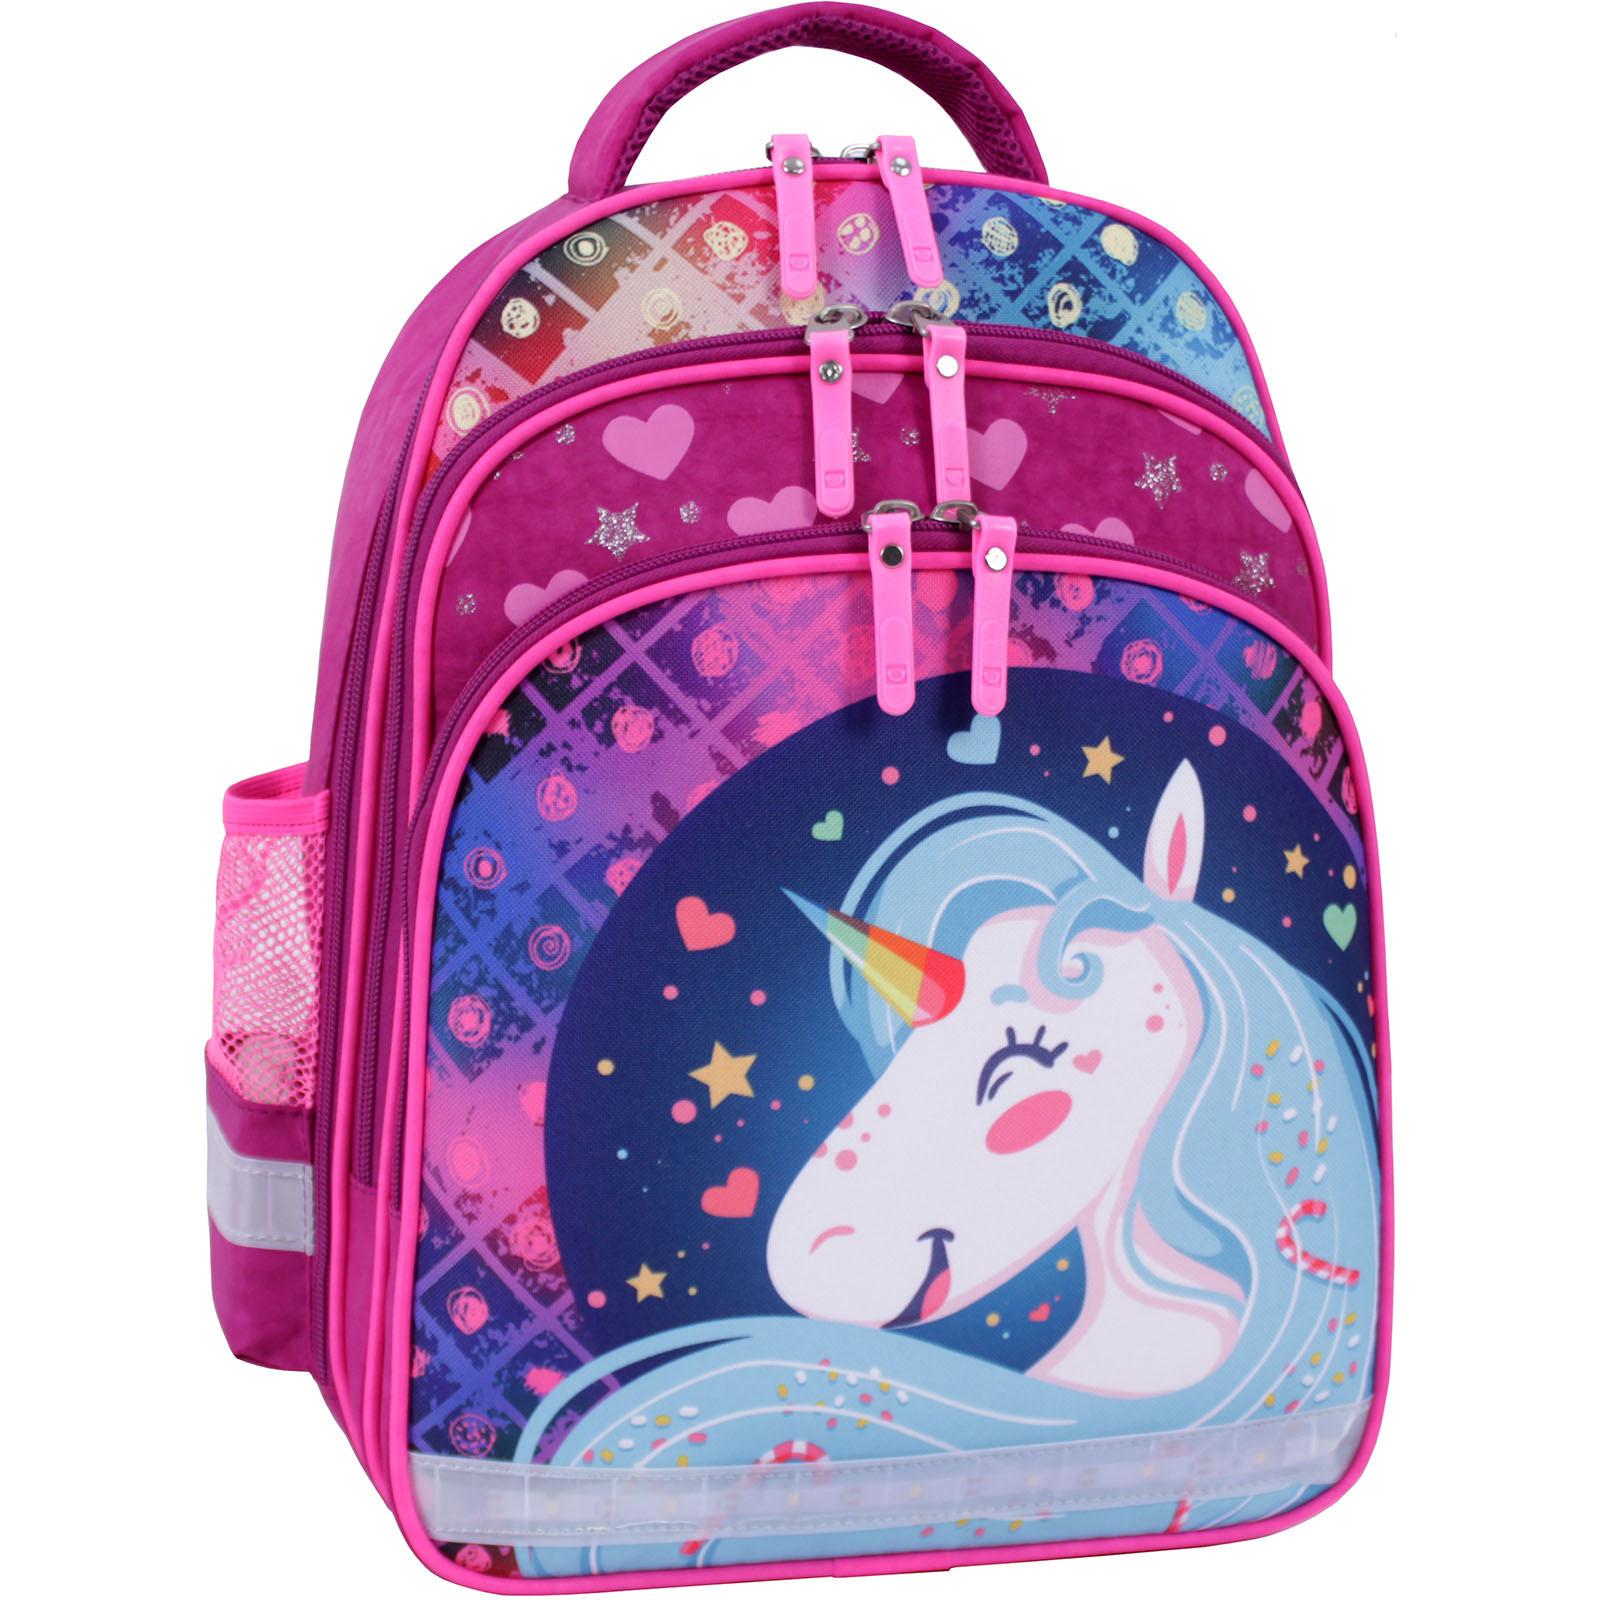 Детские рюкзаки Рюкзак школьный Bagland Mouse 143 малиновый 504 (0051370) IMG_9748_ceб.504_.JPG